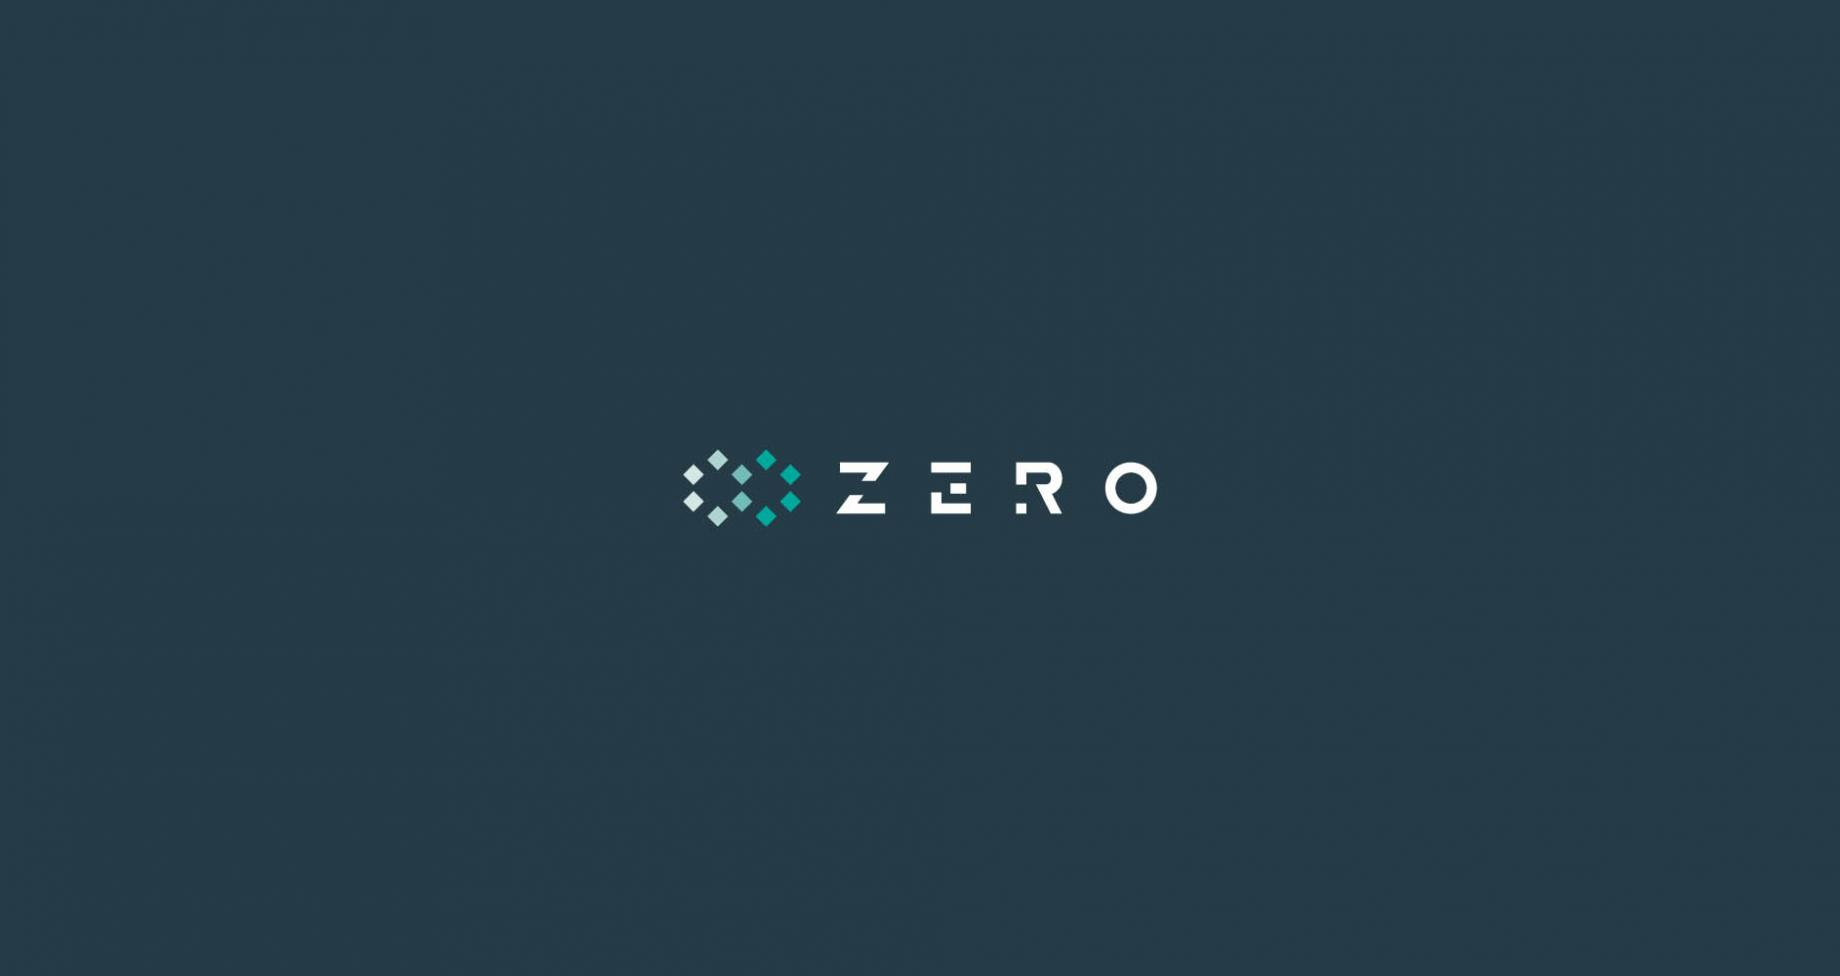 zero - 2